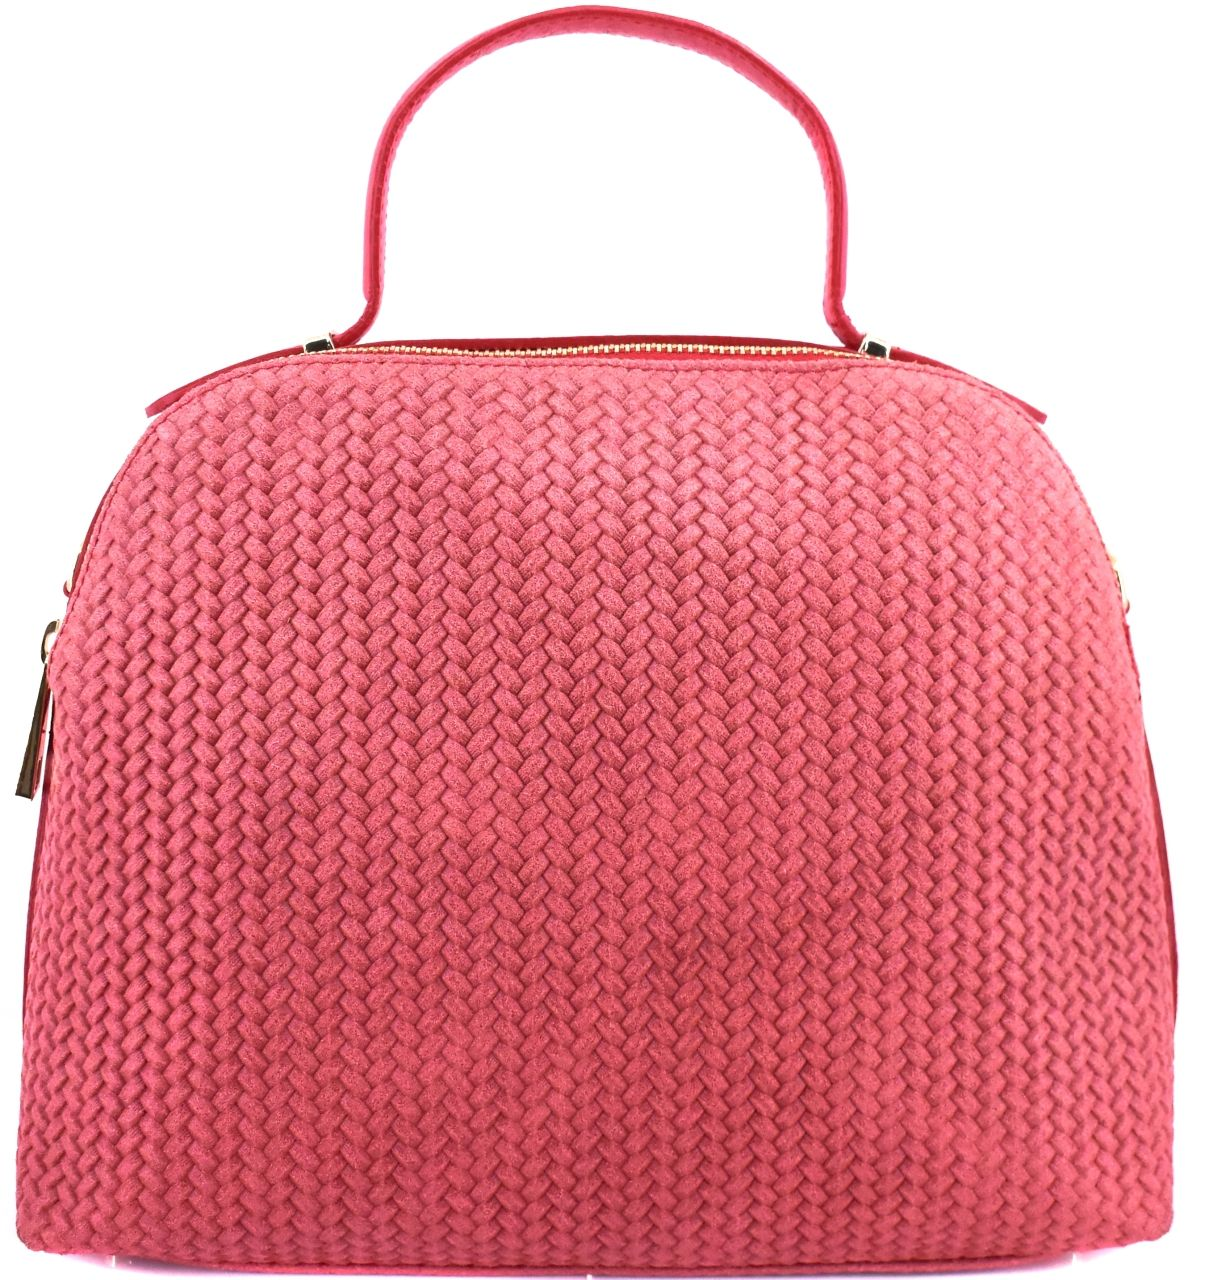 Luxusní dámská kožená kabelka Shopper - světle červená 29545